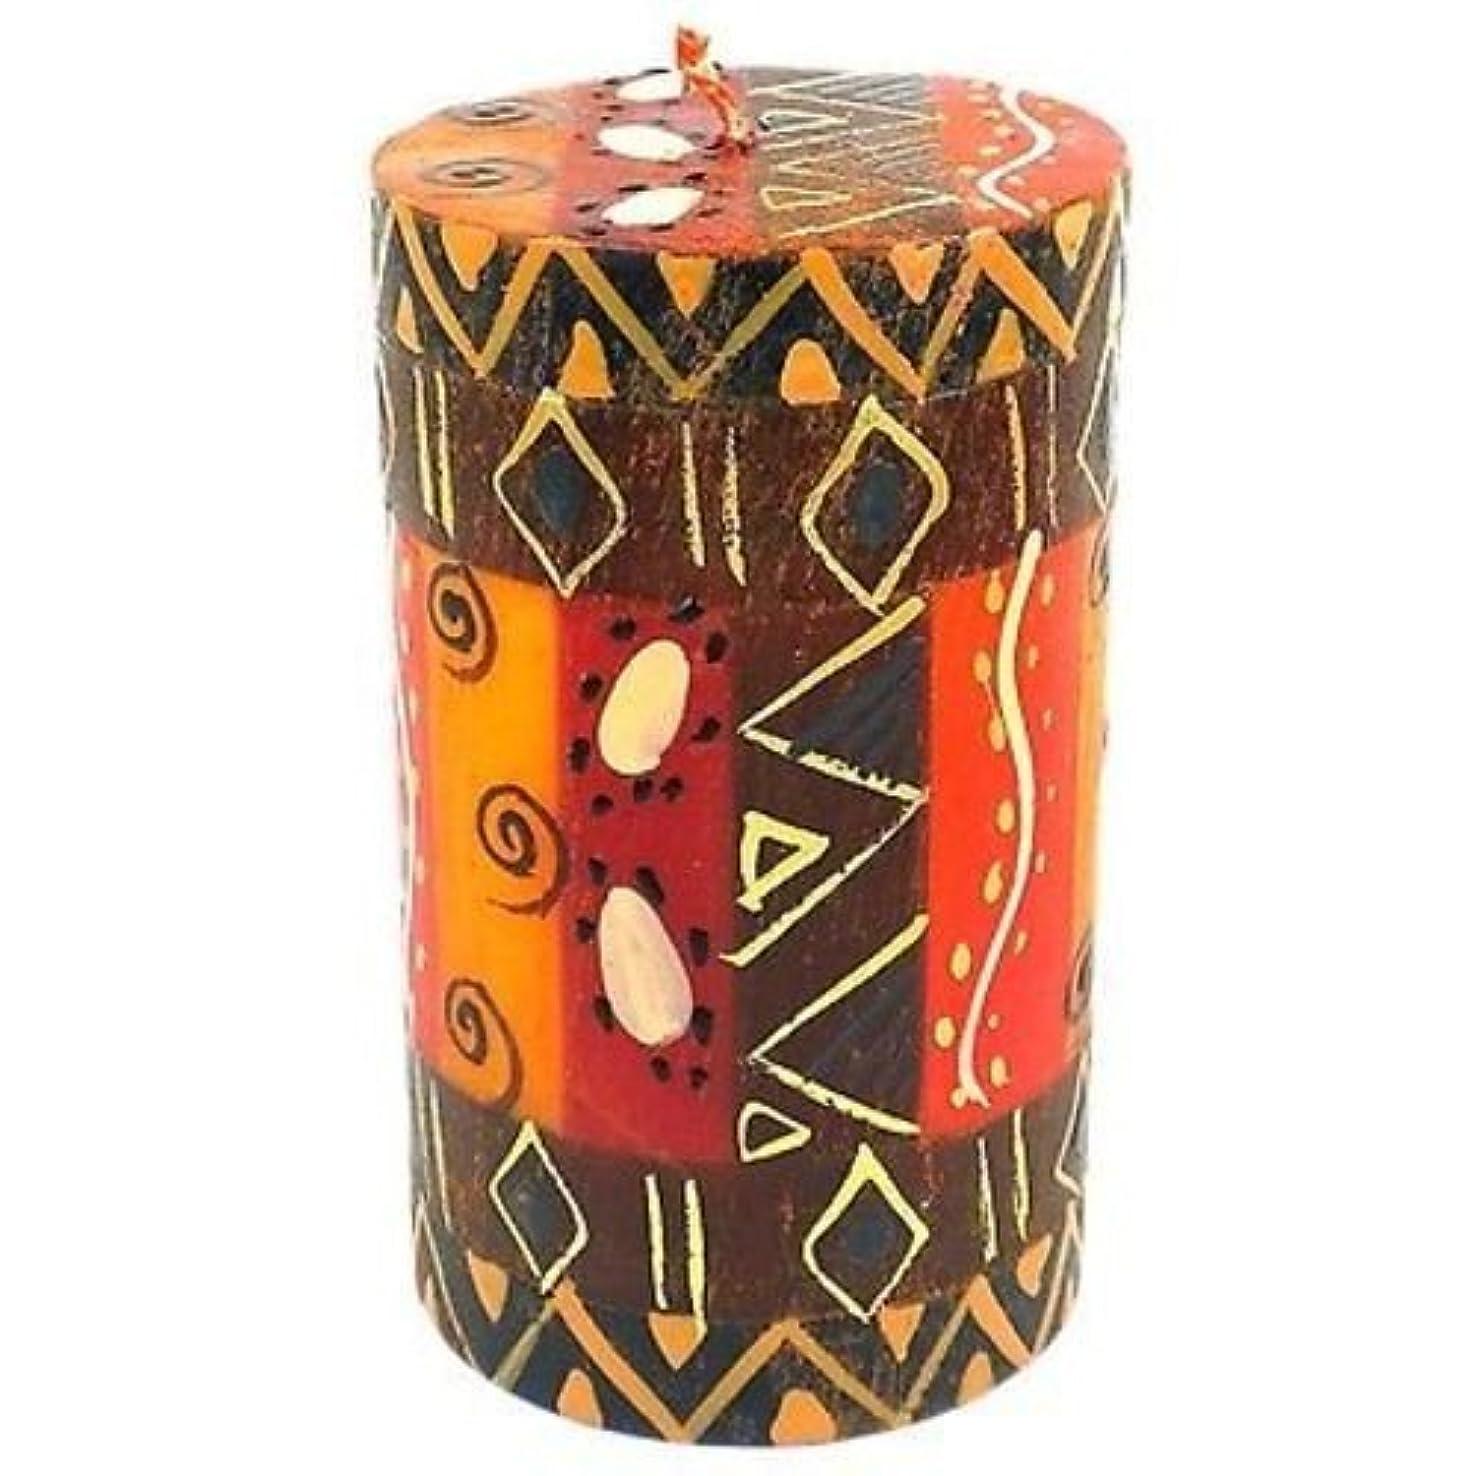 と闘う過半数破壊するNobunto Single Boxed Hand-Painted Pillar Candle - Bongazi Design